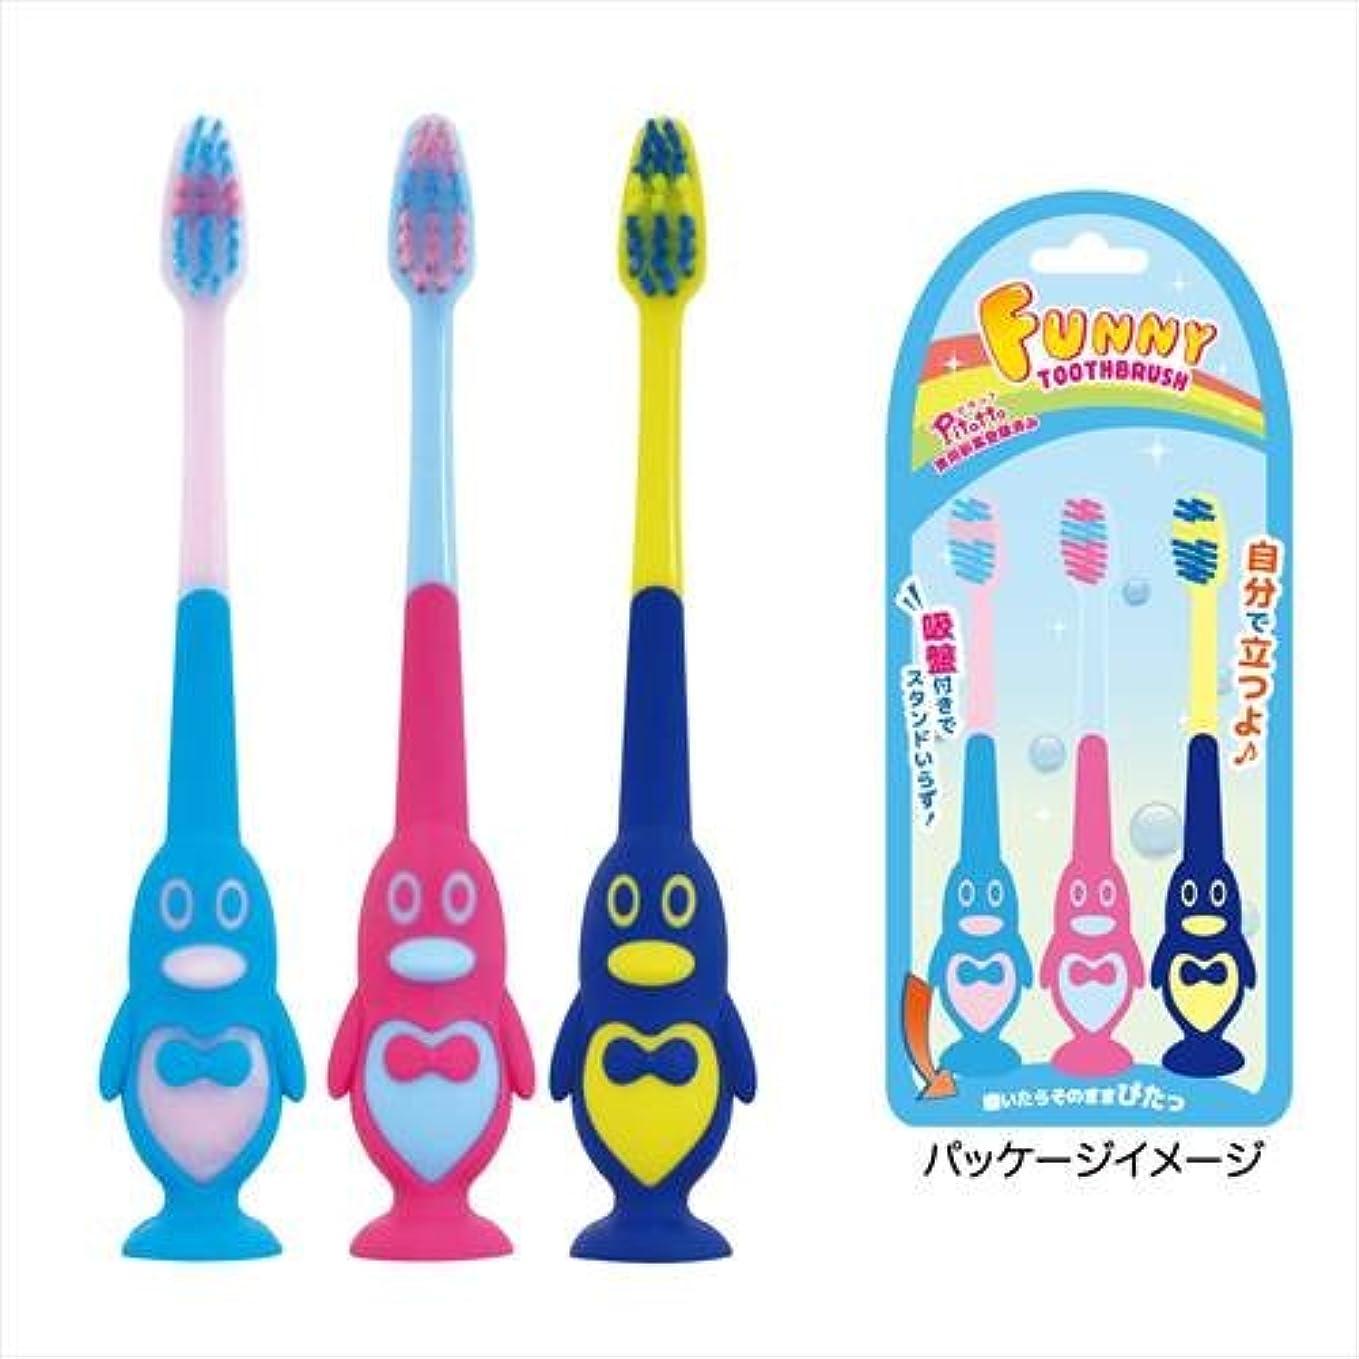 全滅させる平均策定する[歯ブラシ] 吸盤付き歯ブラシ 3本セット/ペンギン ユーカンパニー かわいい 洗面用具 グッズ 通販